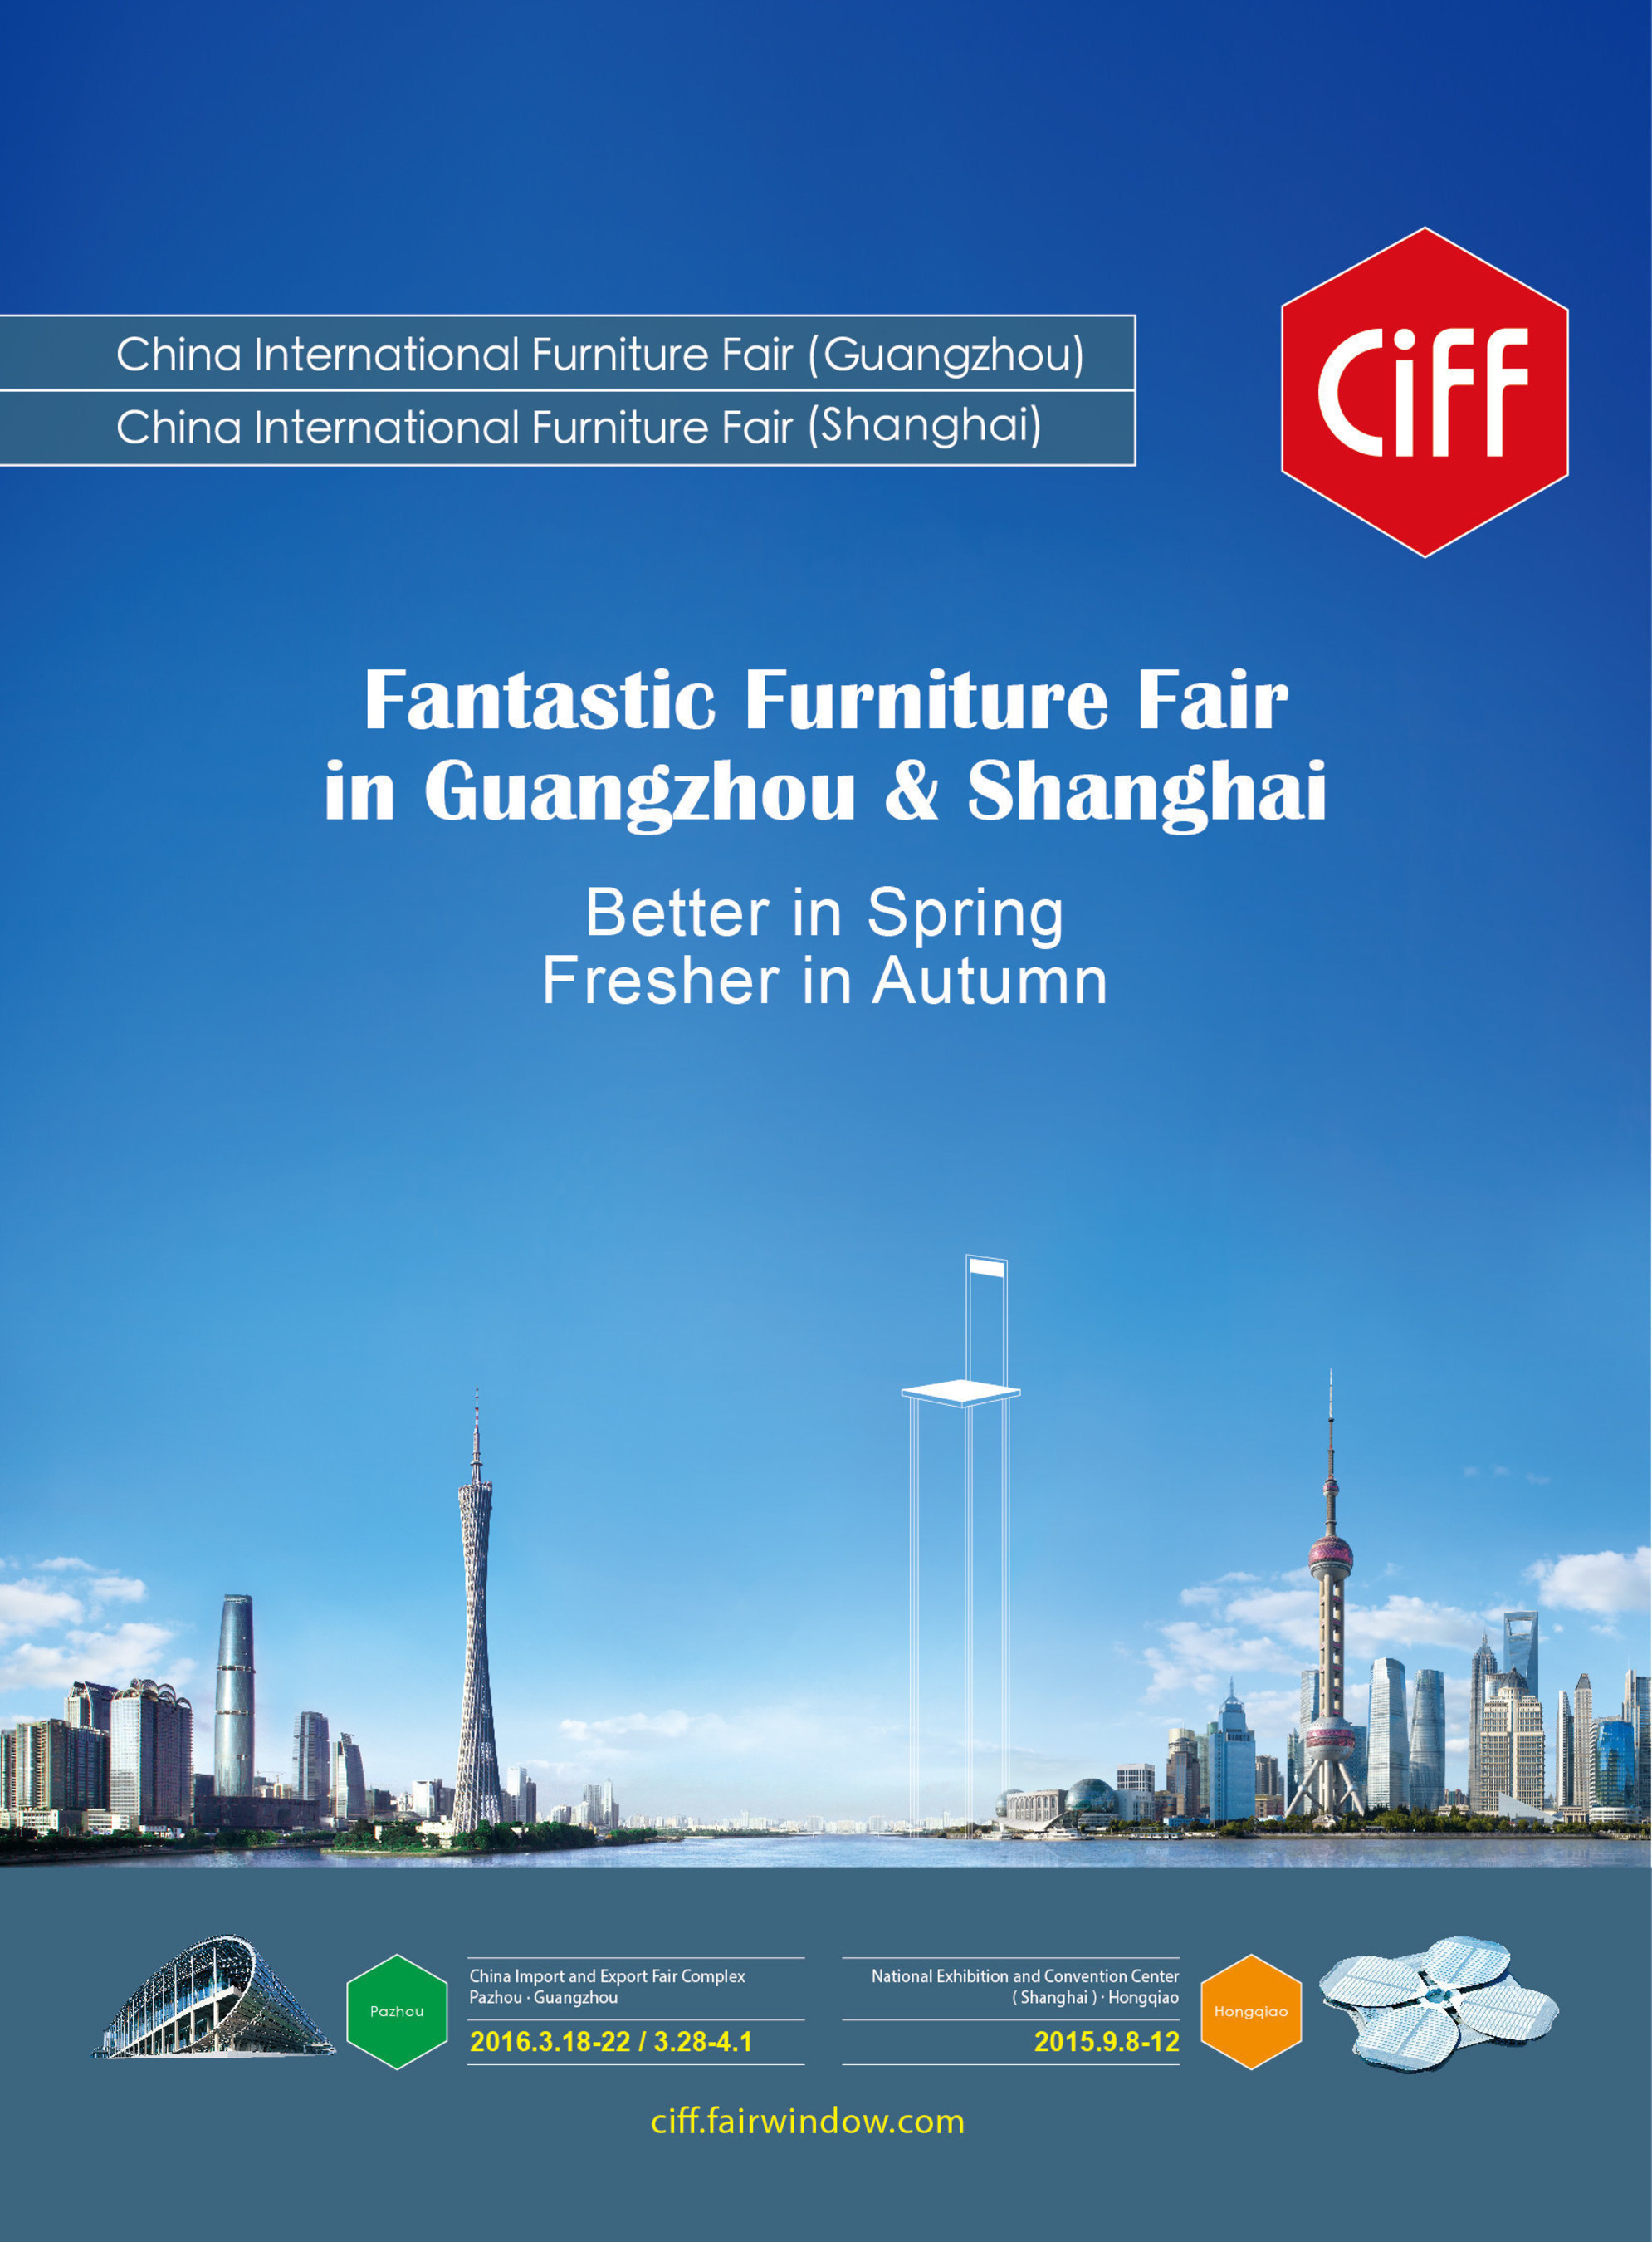 Feria Internacional del Mueble de China (Shanghái) se desarrollará en el Centro Nacional de